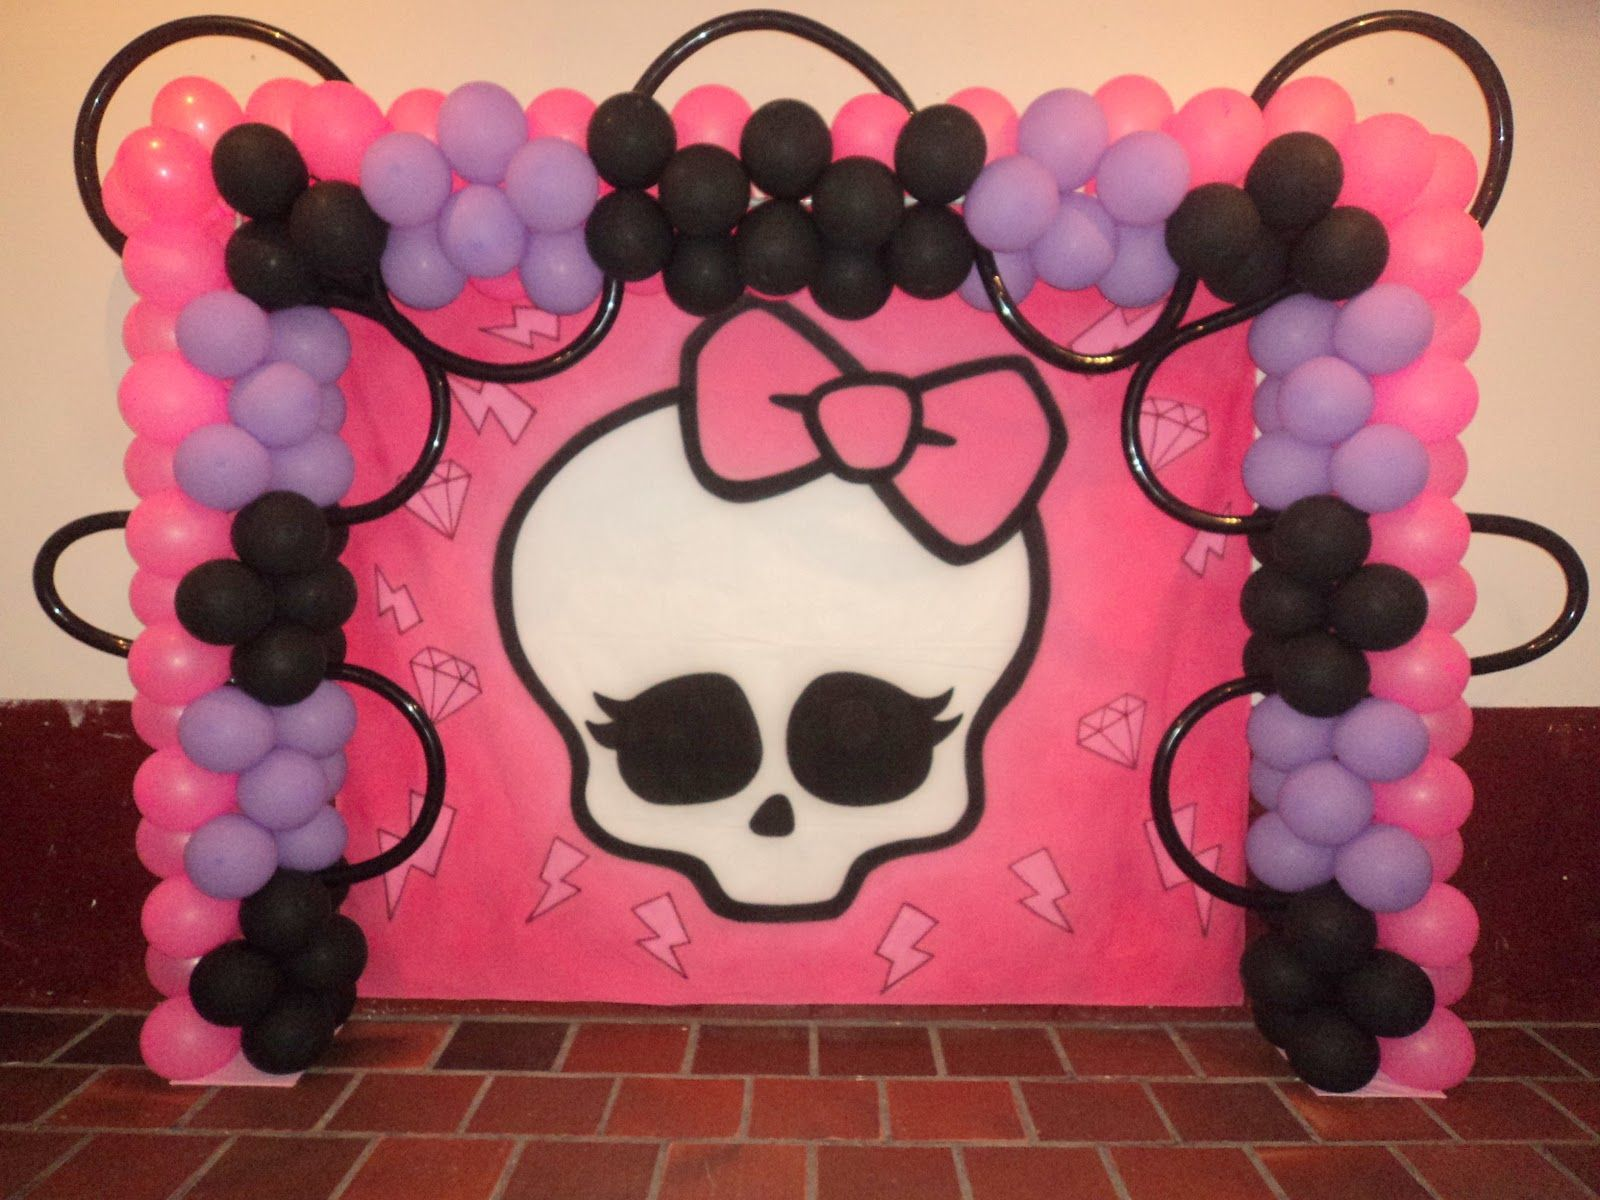 Brinque E Arte Decoracao Com Baloes Decoracao Tema Monster High